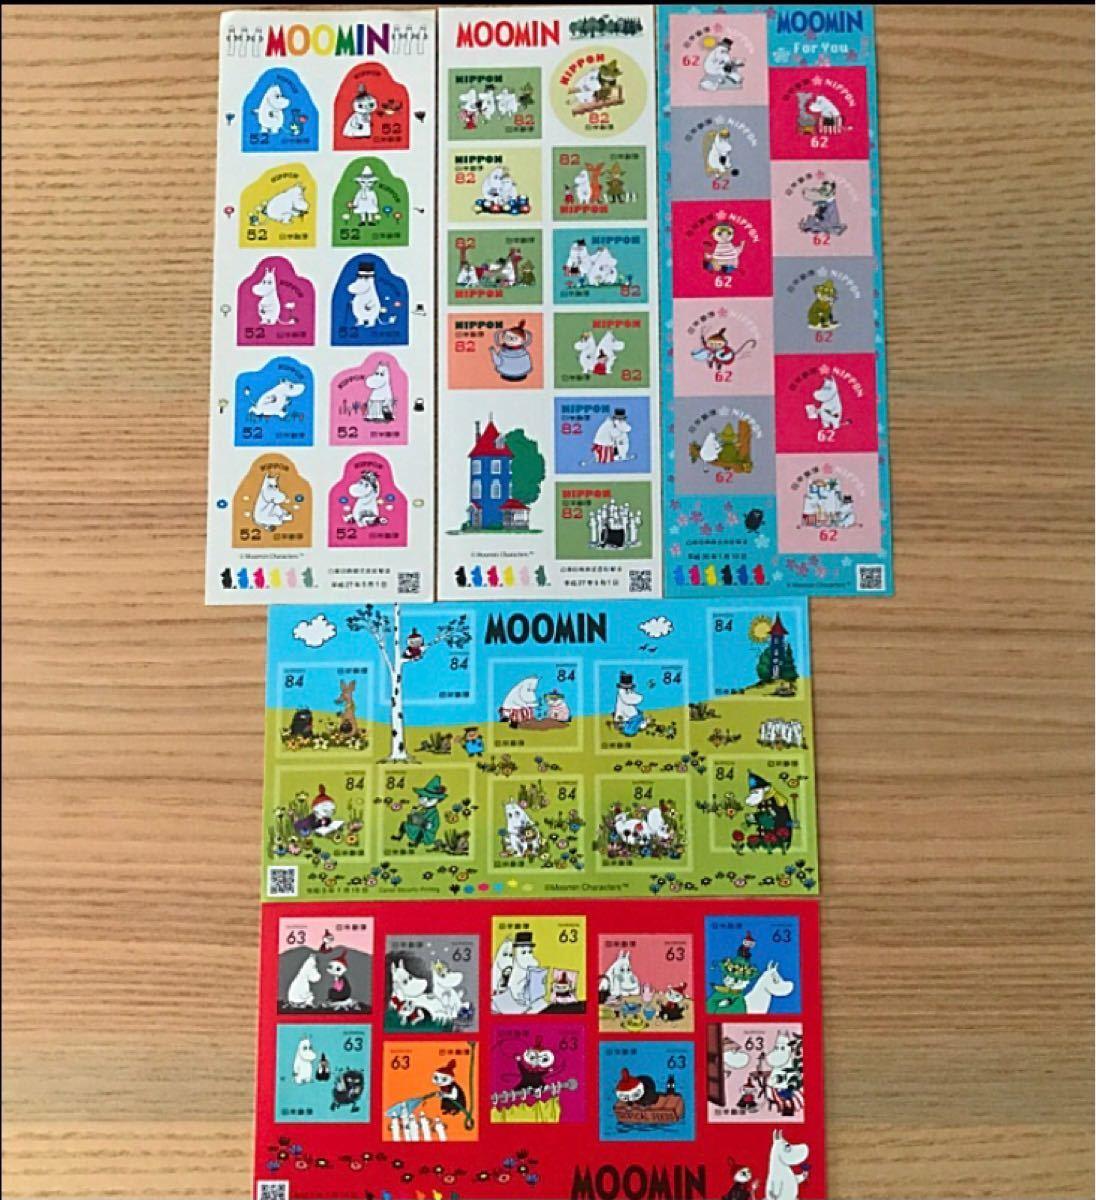 未使用 切手 ムーミン シール切手 7シート 4790円分 新品